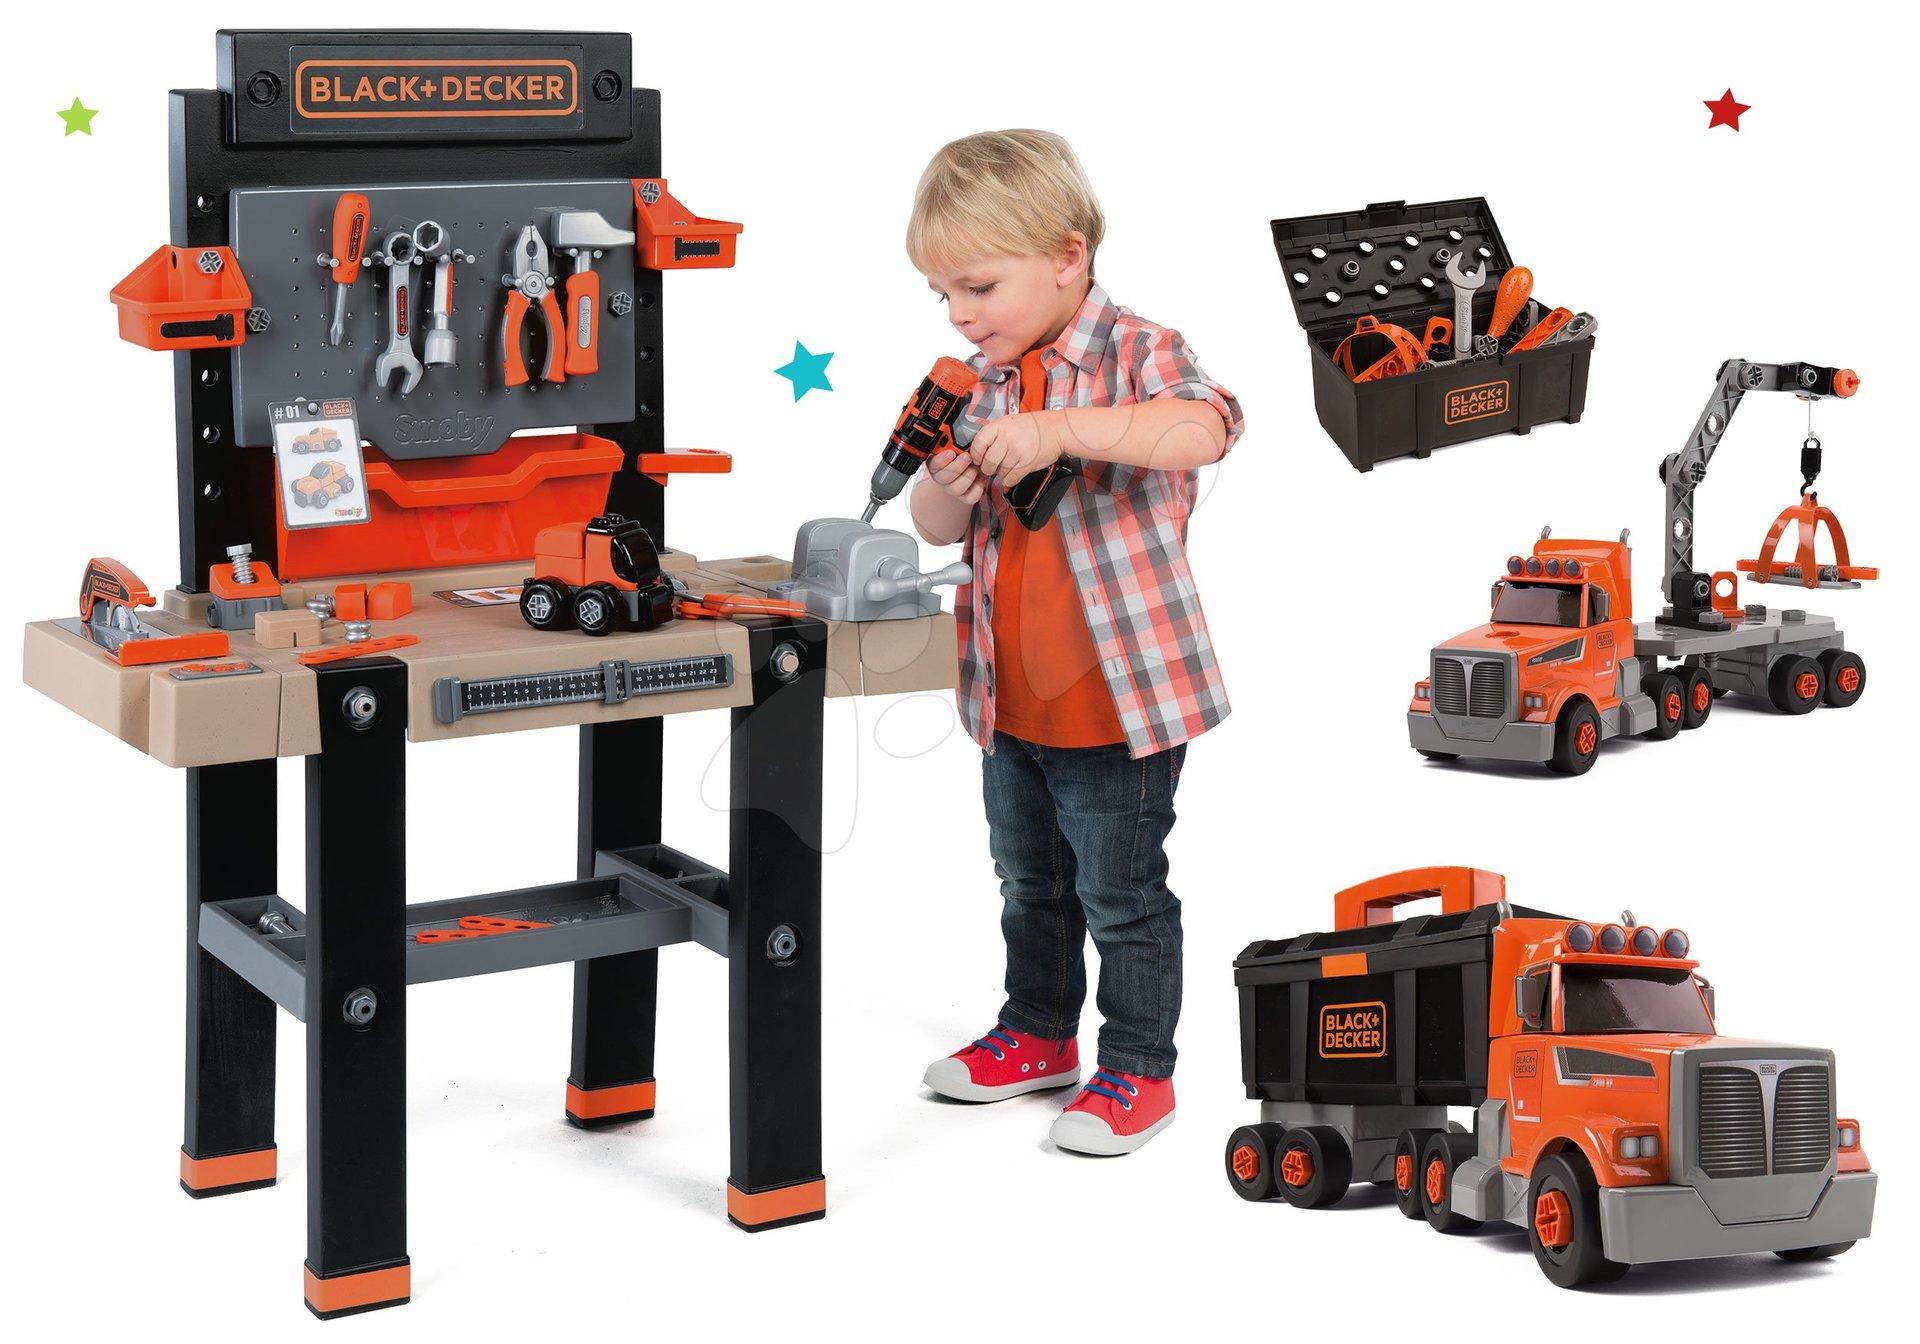 Dětská dílna sety - Dětská elektronická pracovní dílna Black+Decker s 95 doplňky a kamion s pracovním kufříkem a nářadím